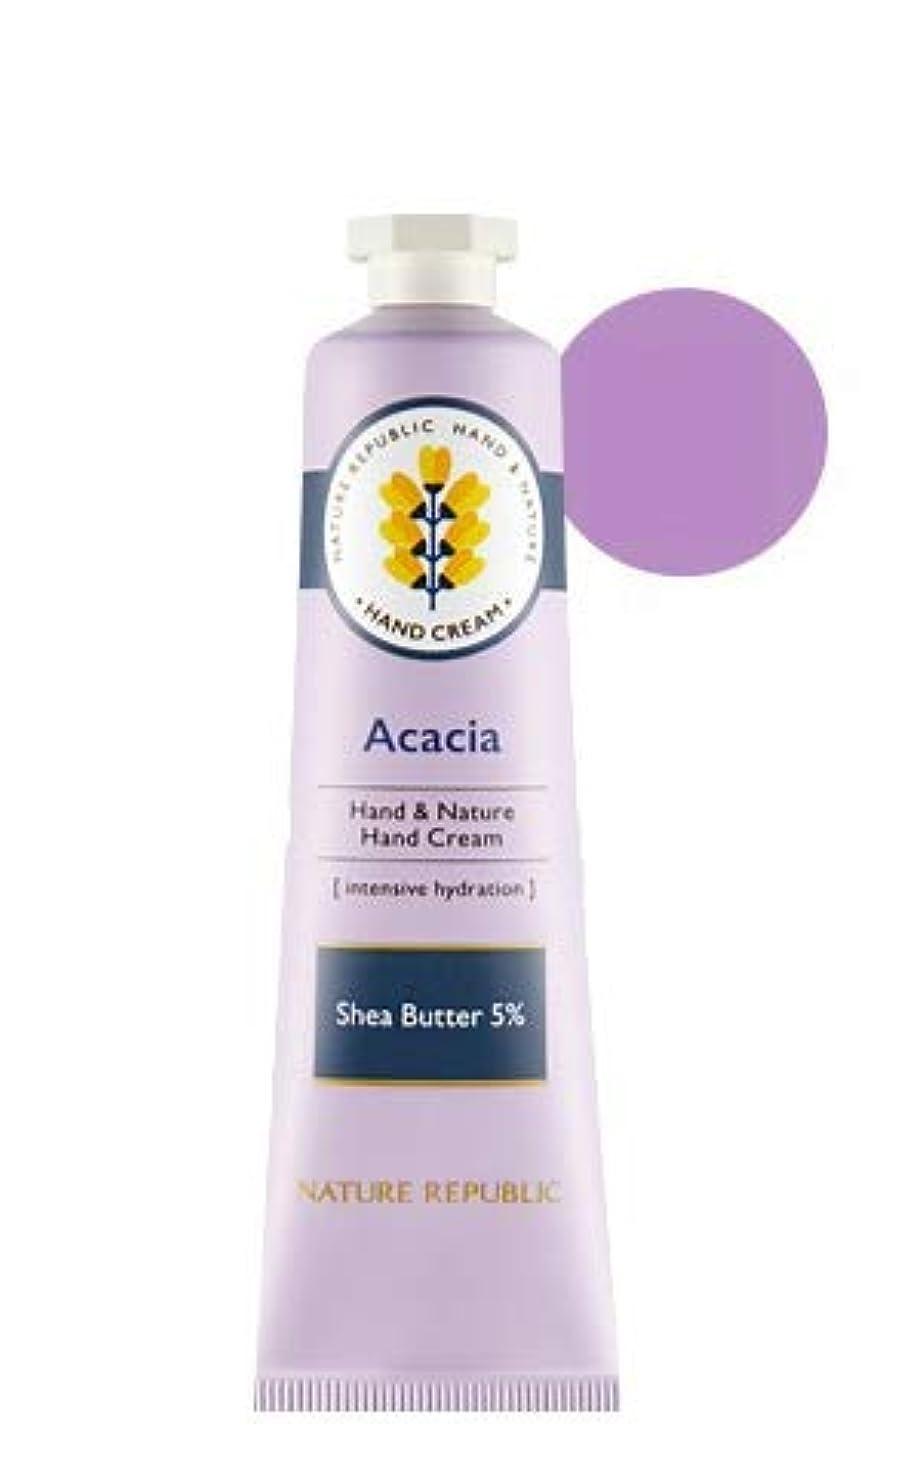 接続詞どこ[1+1]ネイチャーリパブリック NATURE REPUBLIC ハンドアンドネイチャーハンドクリーム Hand & Nature Hand Cream (# ACACIA) [並行輸入品]